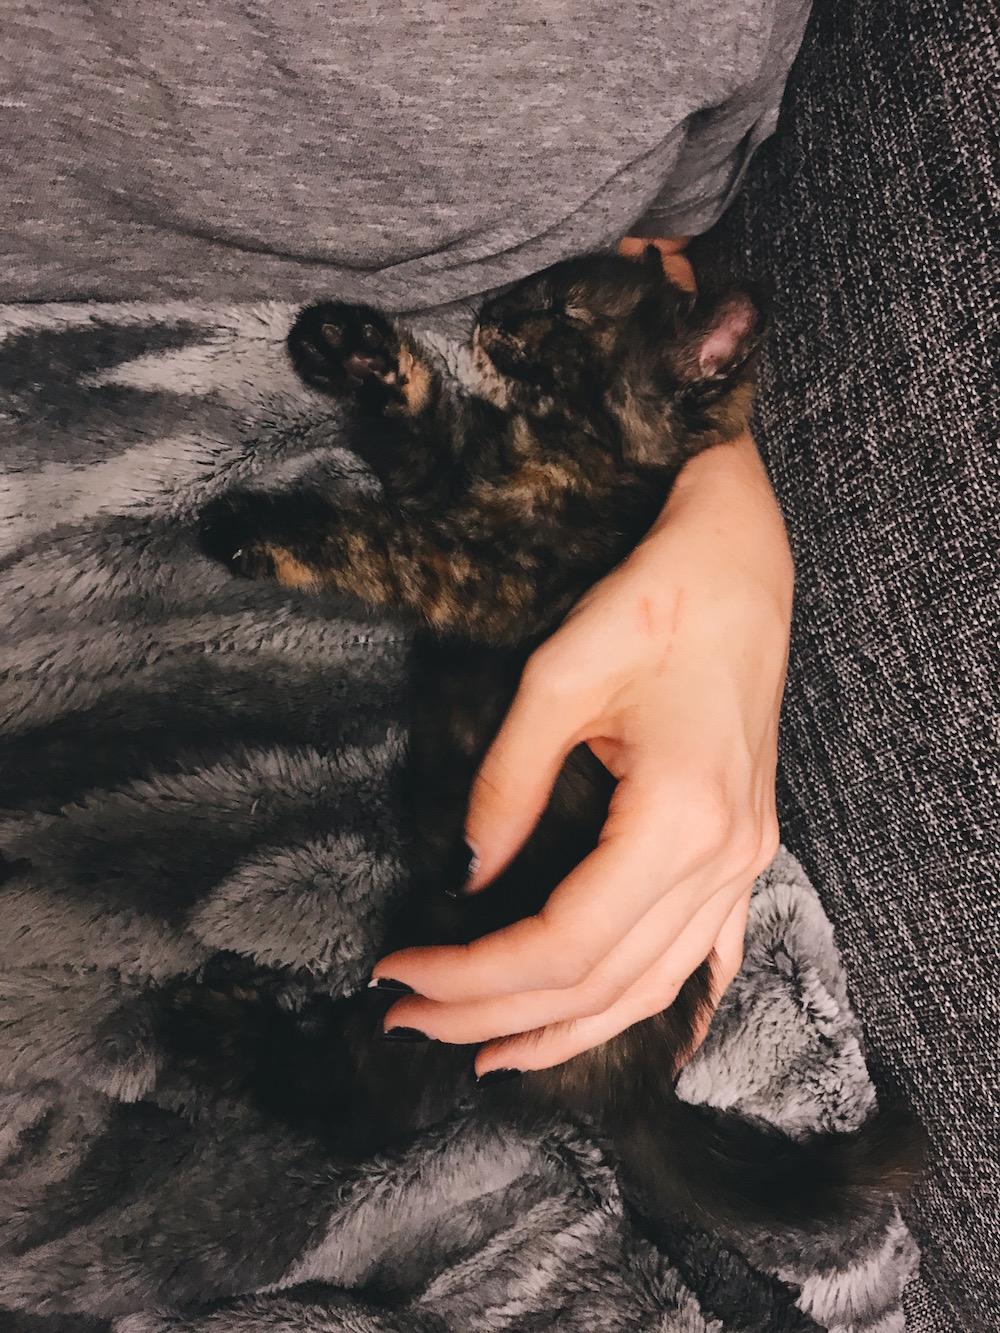 Dark tortoise calico cat sleeping